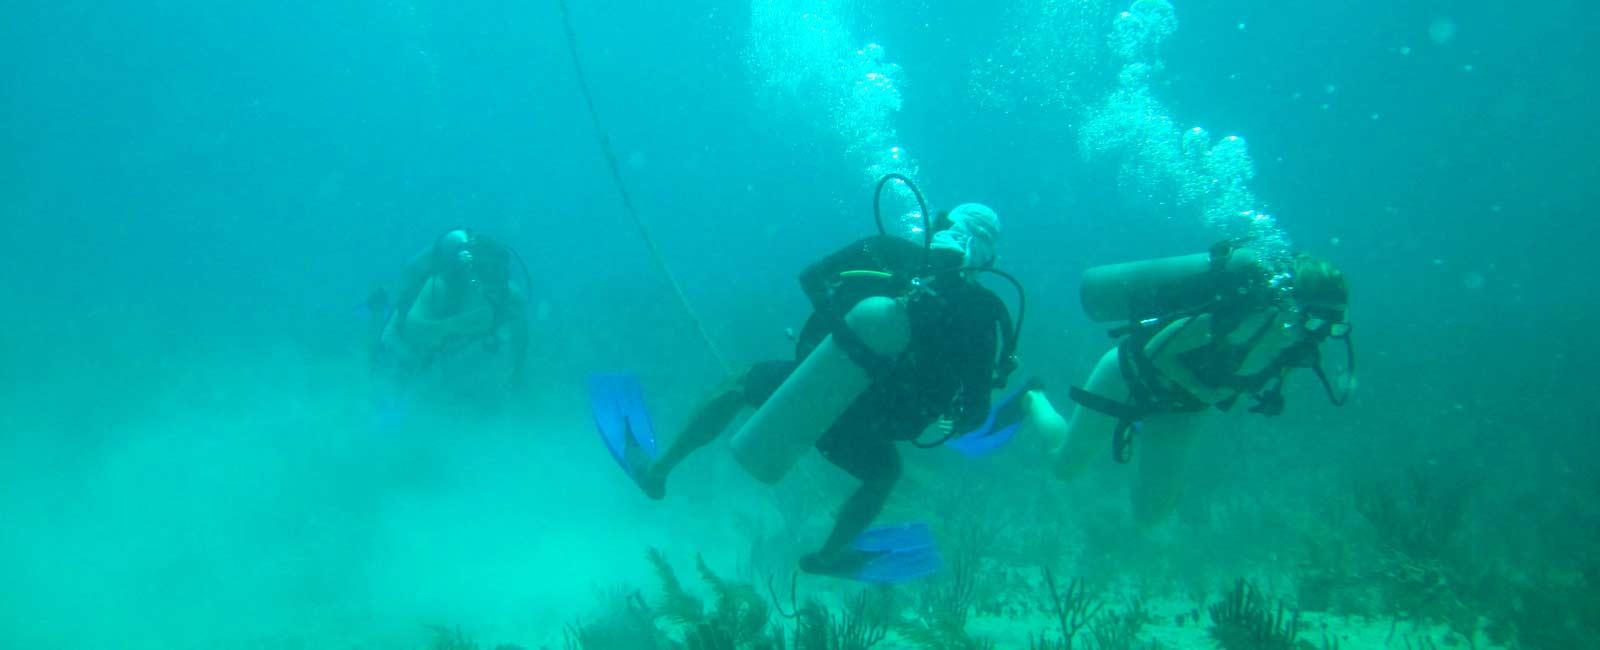 scuba-diving-grand-island-goa-trip